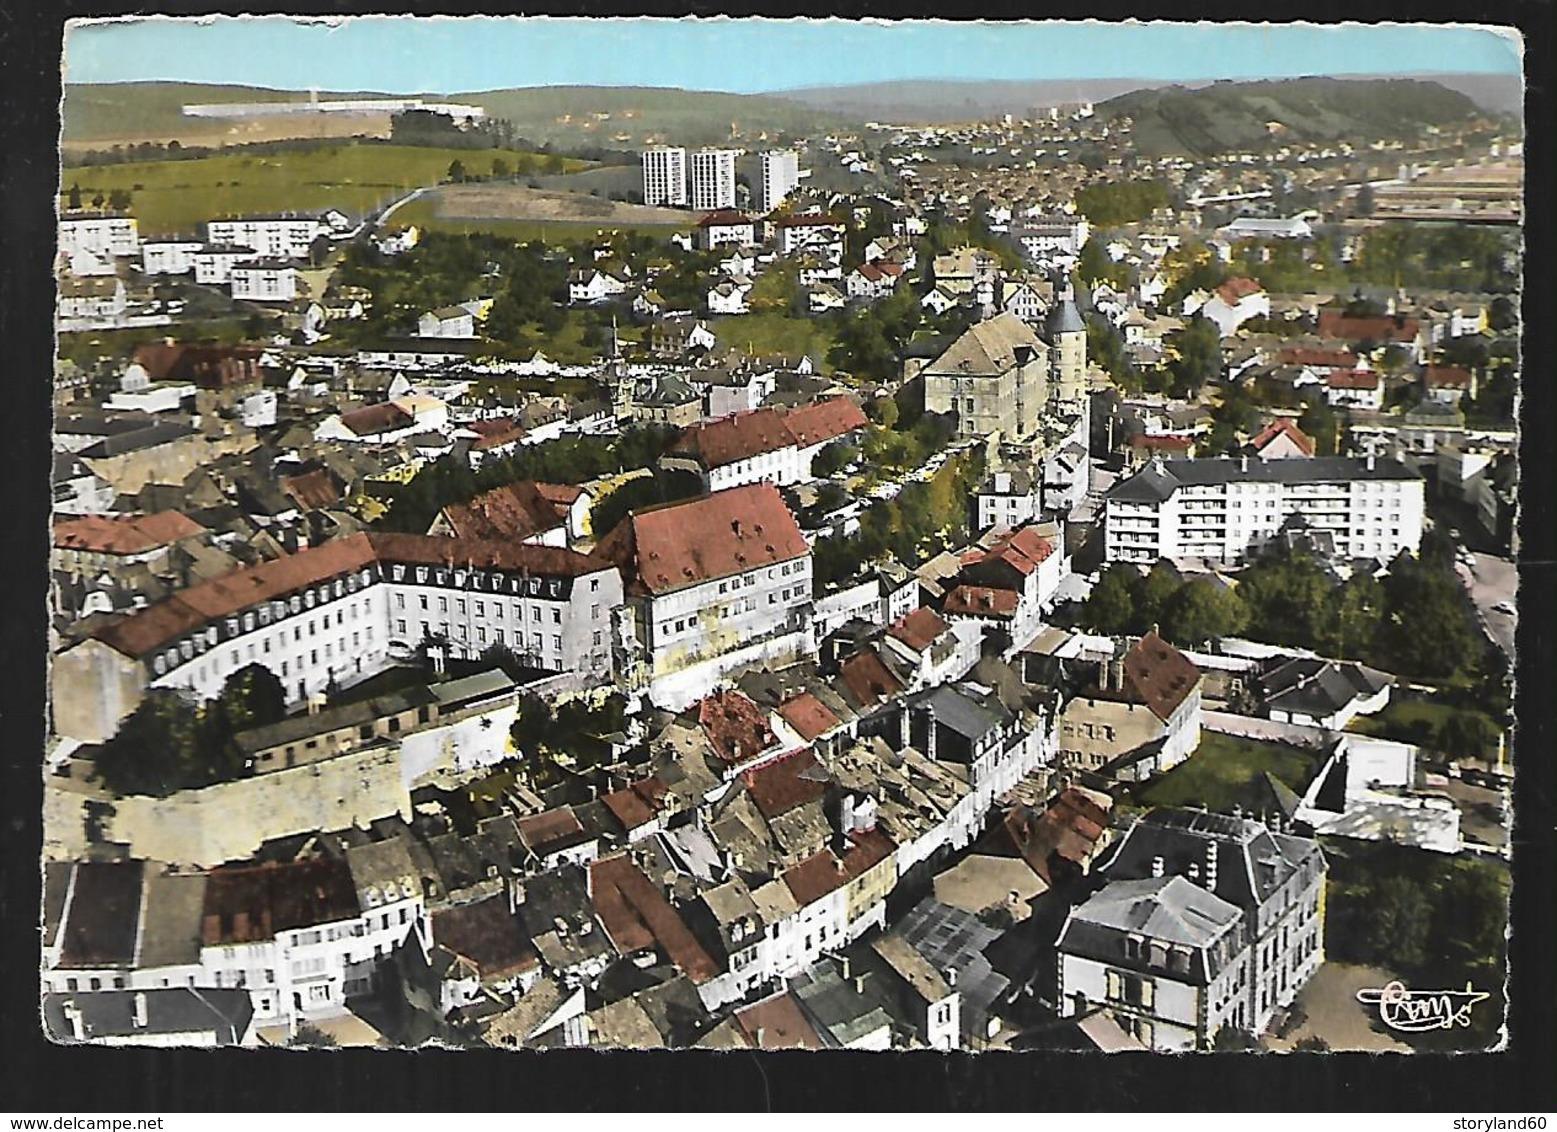 Cpm 2518958 Montbeliard L'école Des Douanes Vue Aérienne - Montbéliard